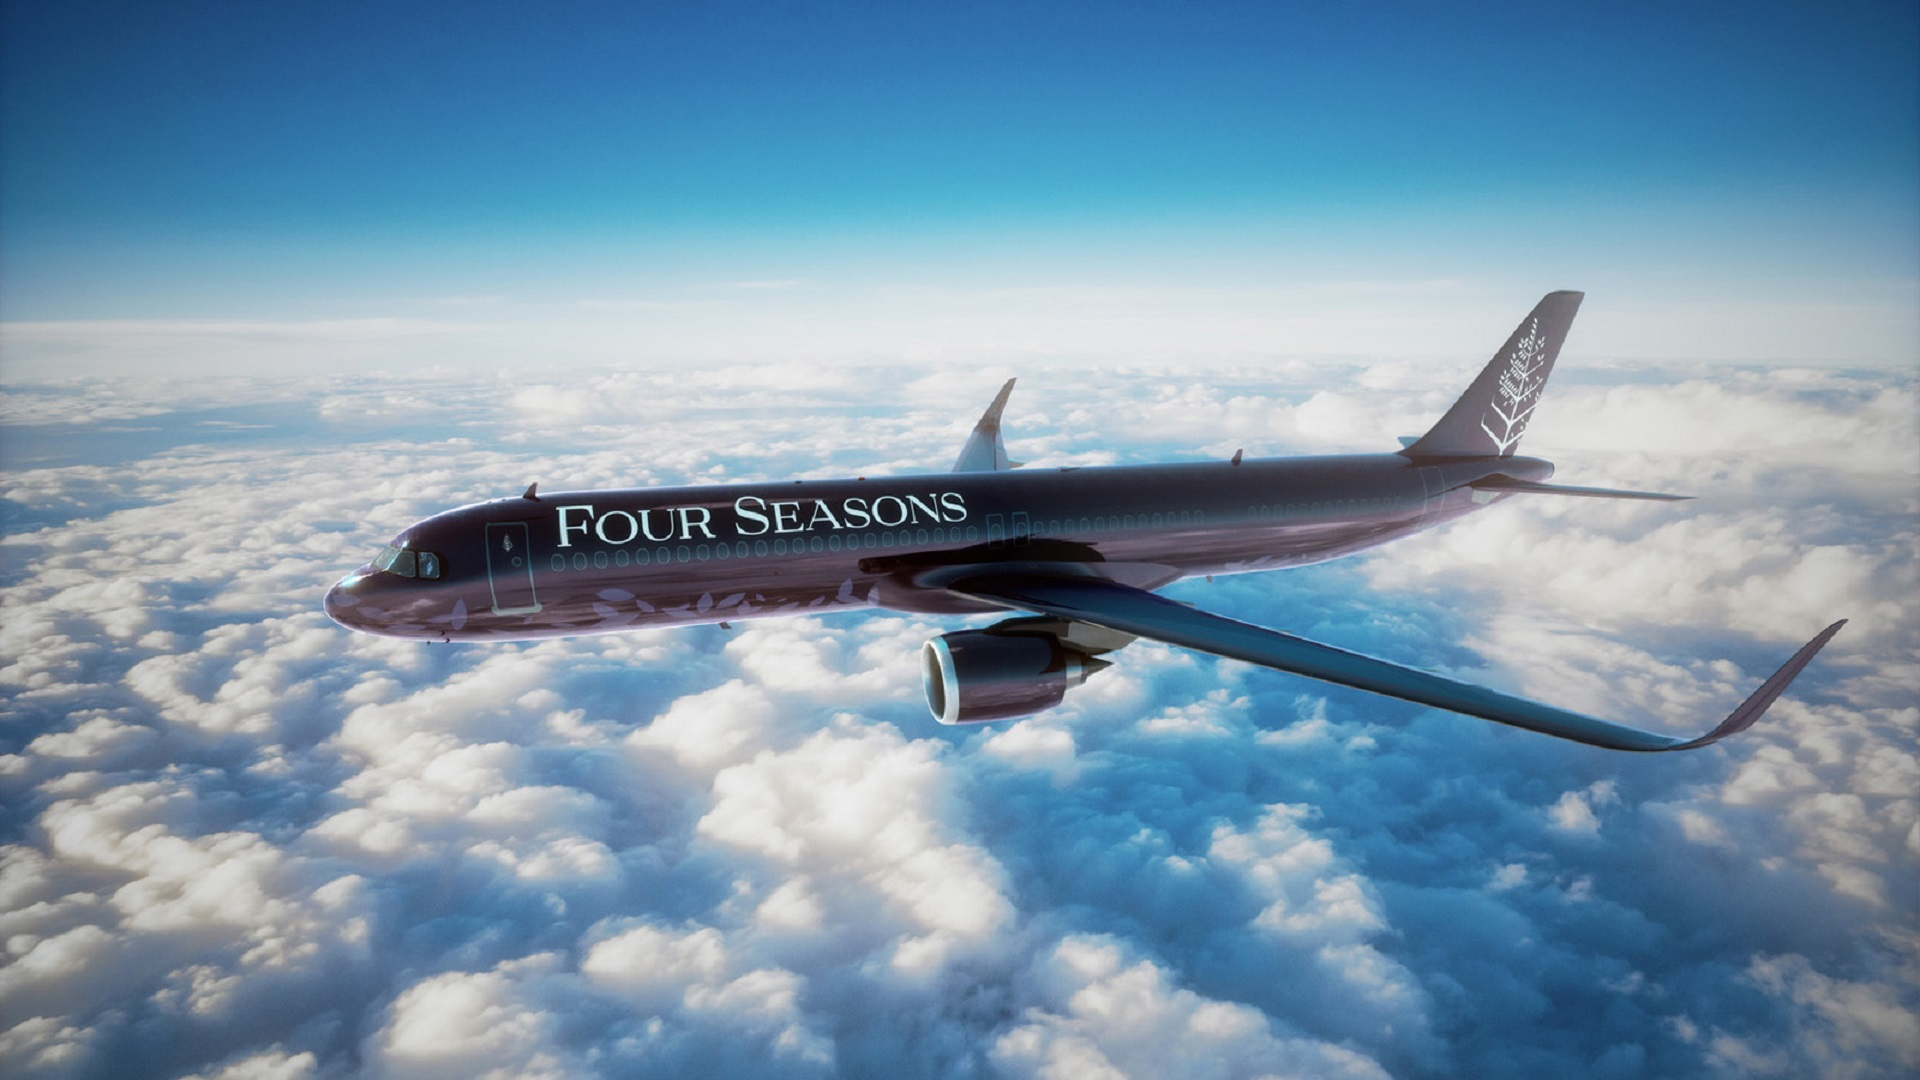 Four Seasons presenta sus itinerarios de lujo para 2022 a bordo del nuevo Airbus A321LR